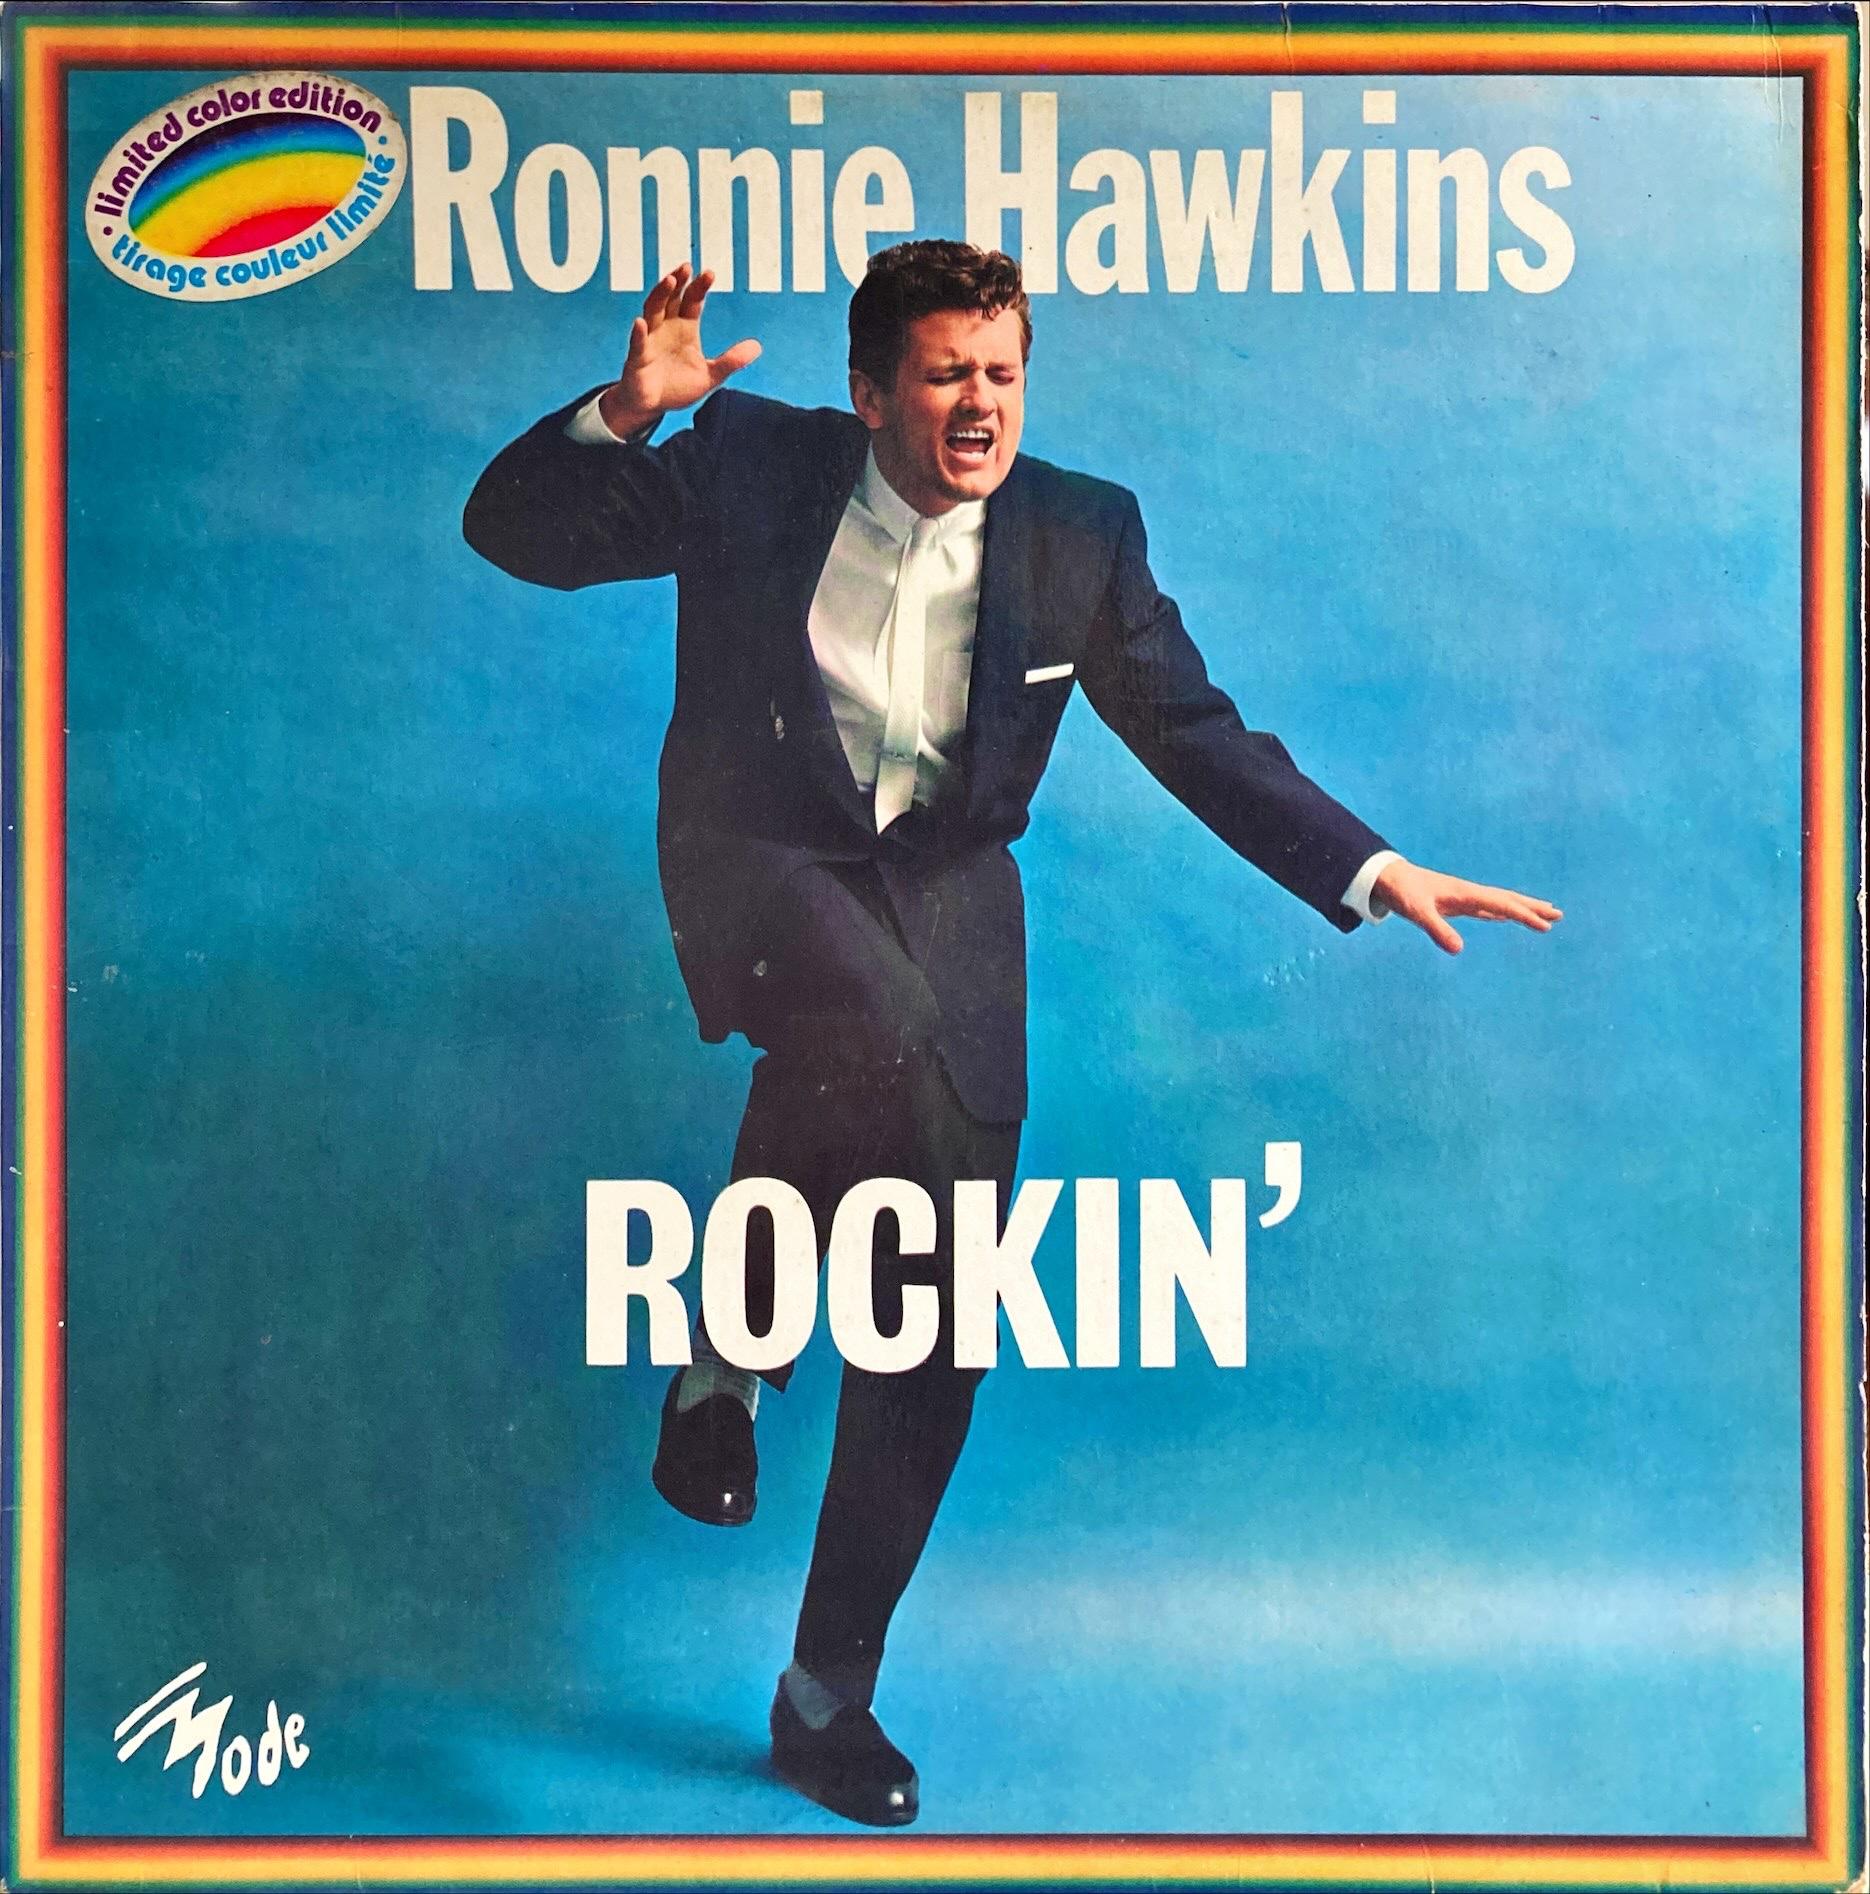 Ronnie Hawkins - Rockin'